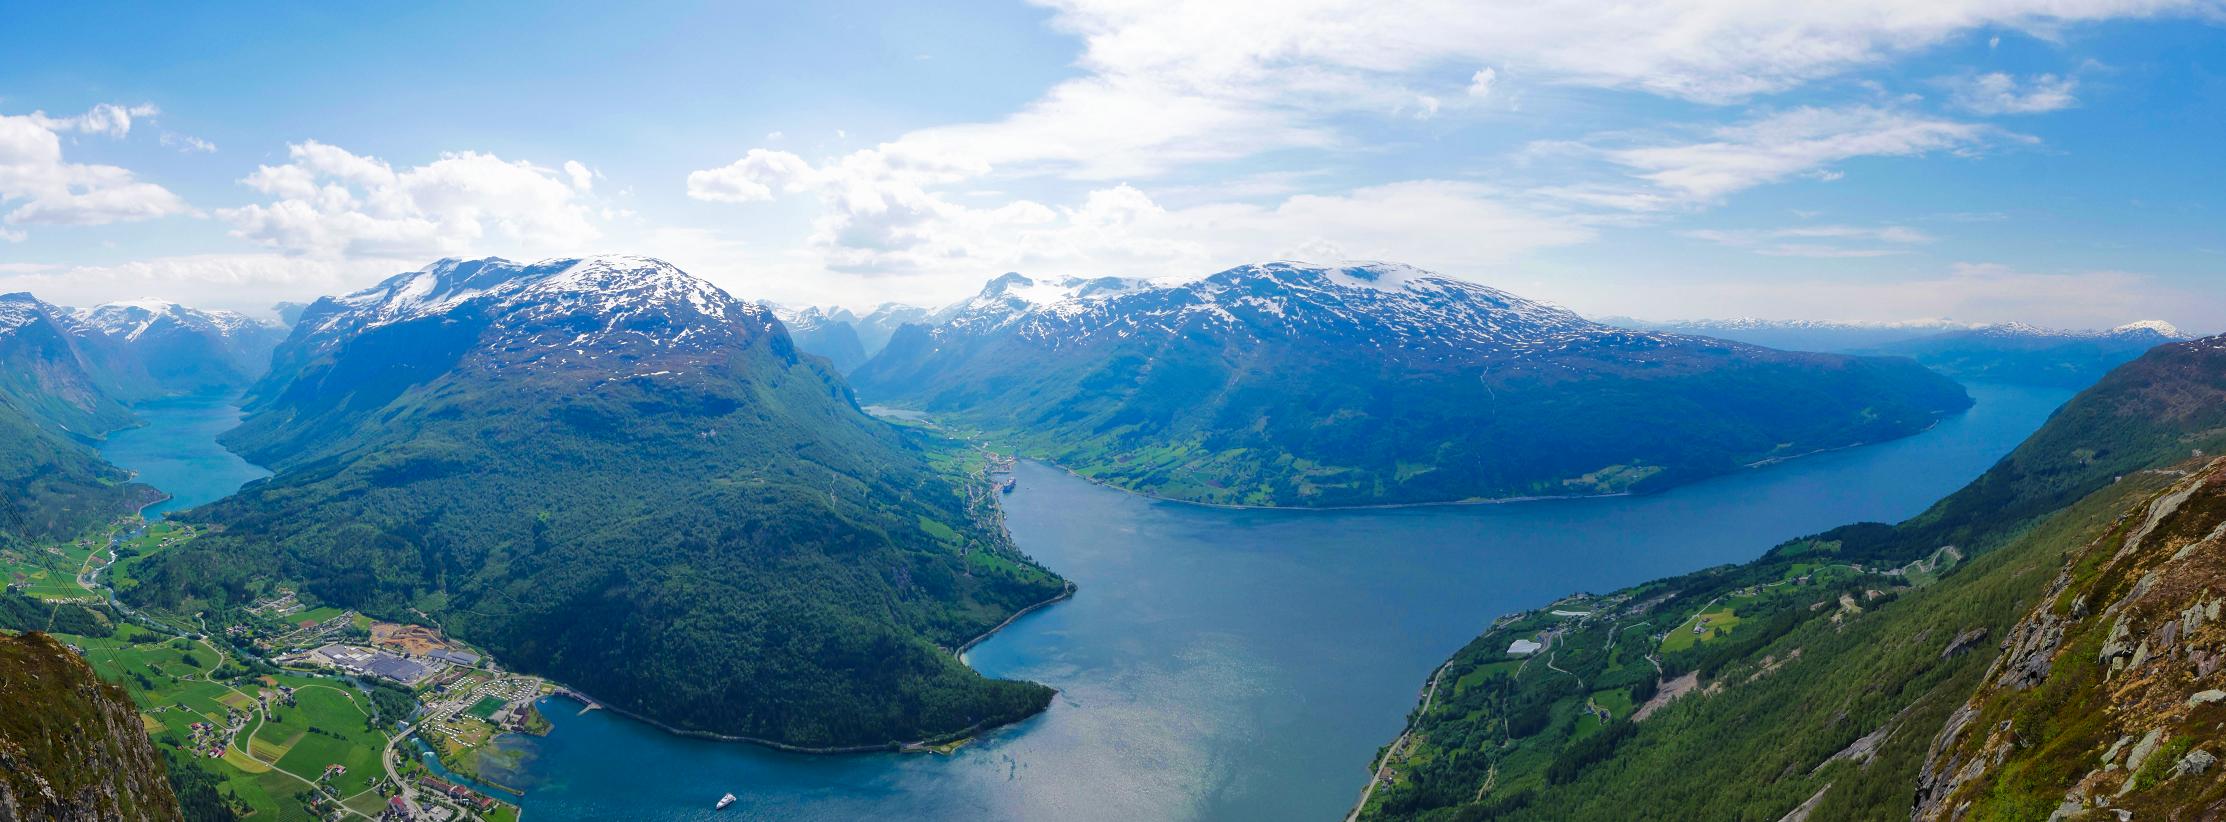 190810_41809_noorwegen.png